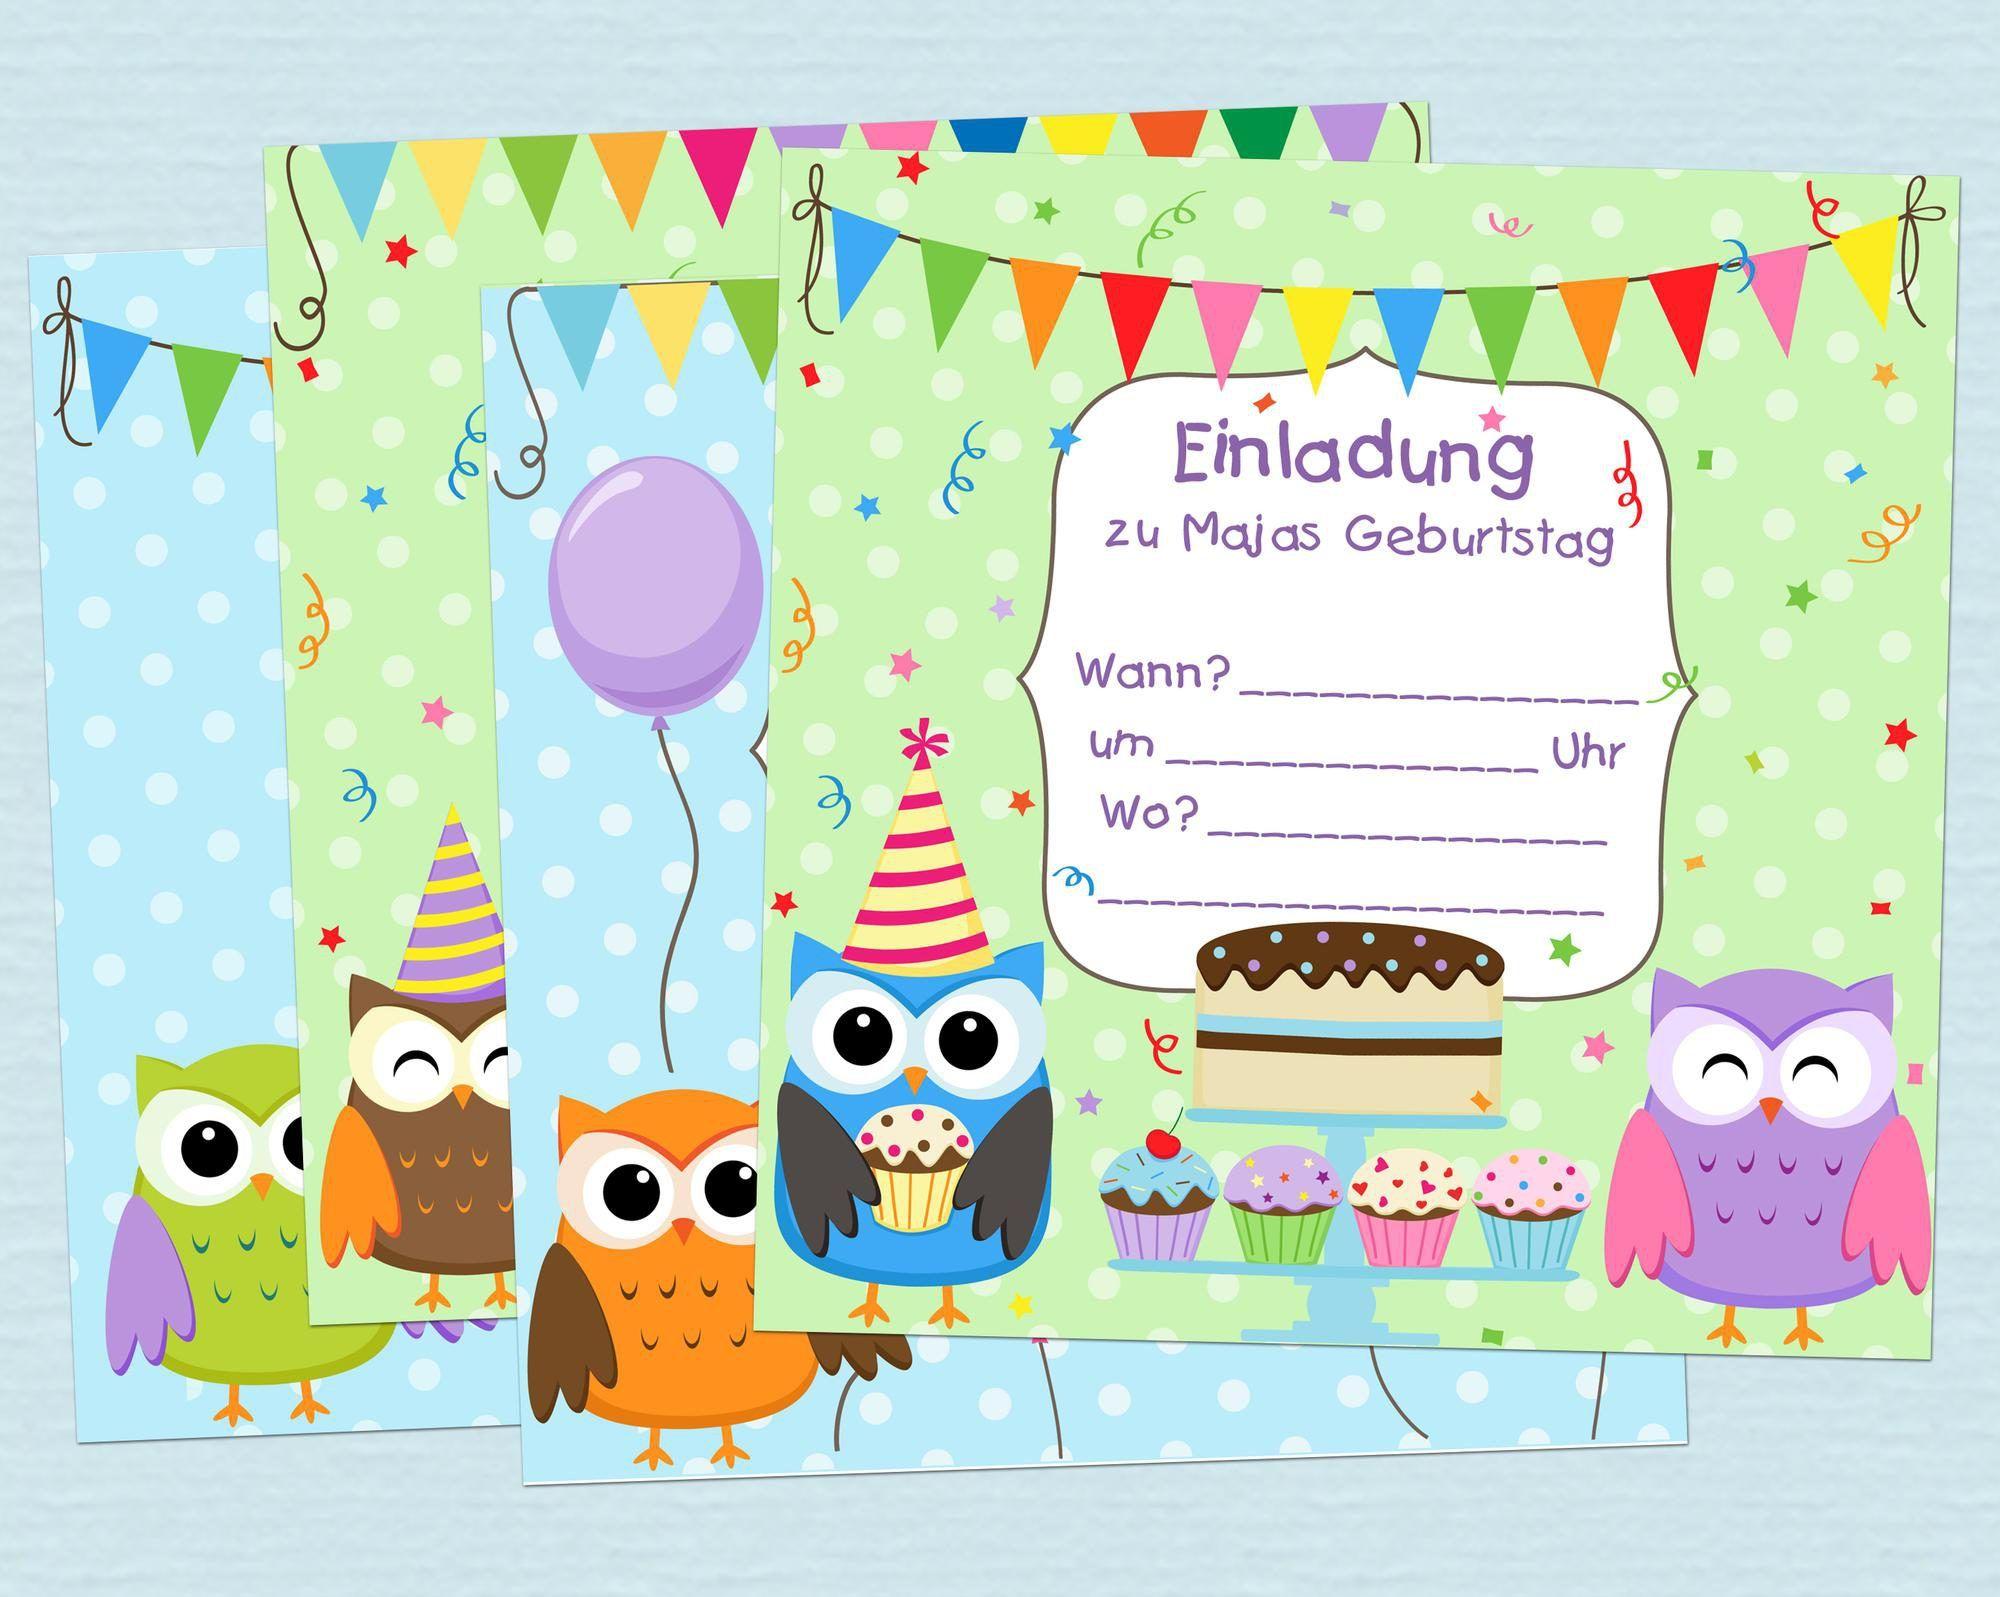 attractive Einladungskarten Kindergeburtstag Online #1: Einladungskarte Kindergeburtstag : Einladungskarte Kindergeburtstag Text - Einladungskarten  Online - Einladungskarten Online